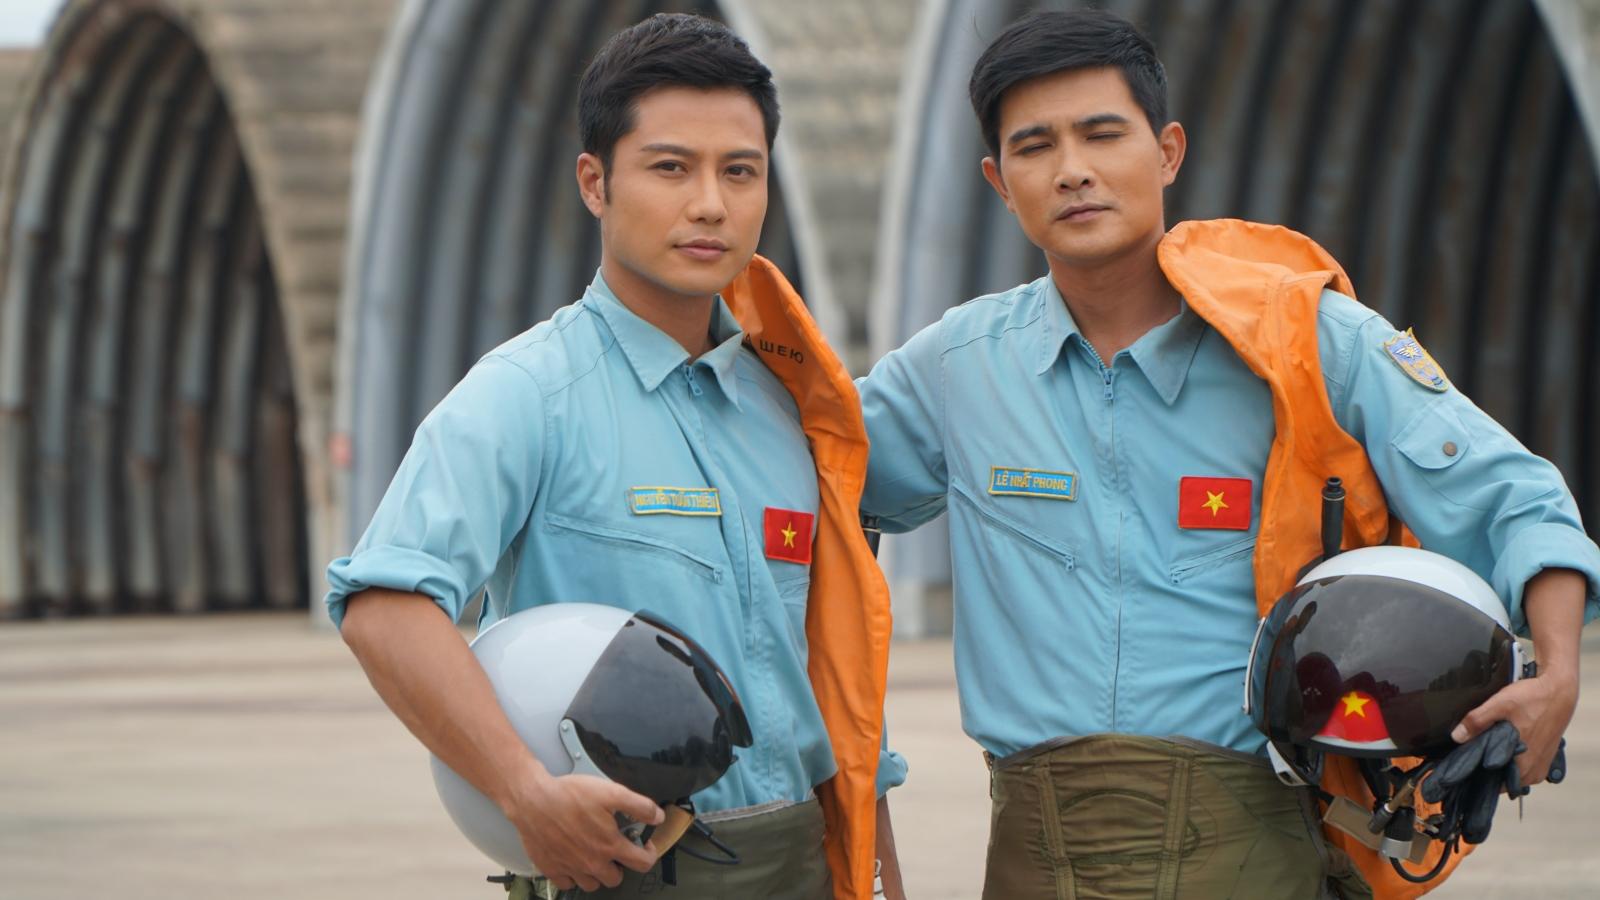 """Thanh Sơn, Bình An hóa phi công điển trai trong phim chiếu Tết """"Yêu hơn cả bầu trời"""""""